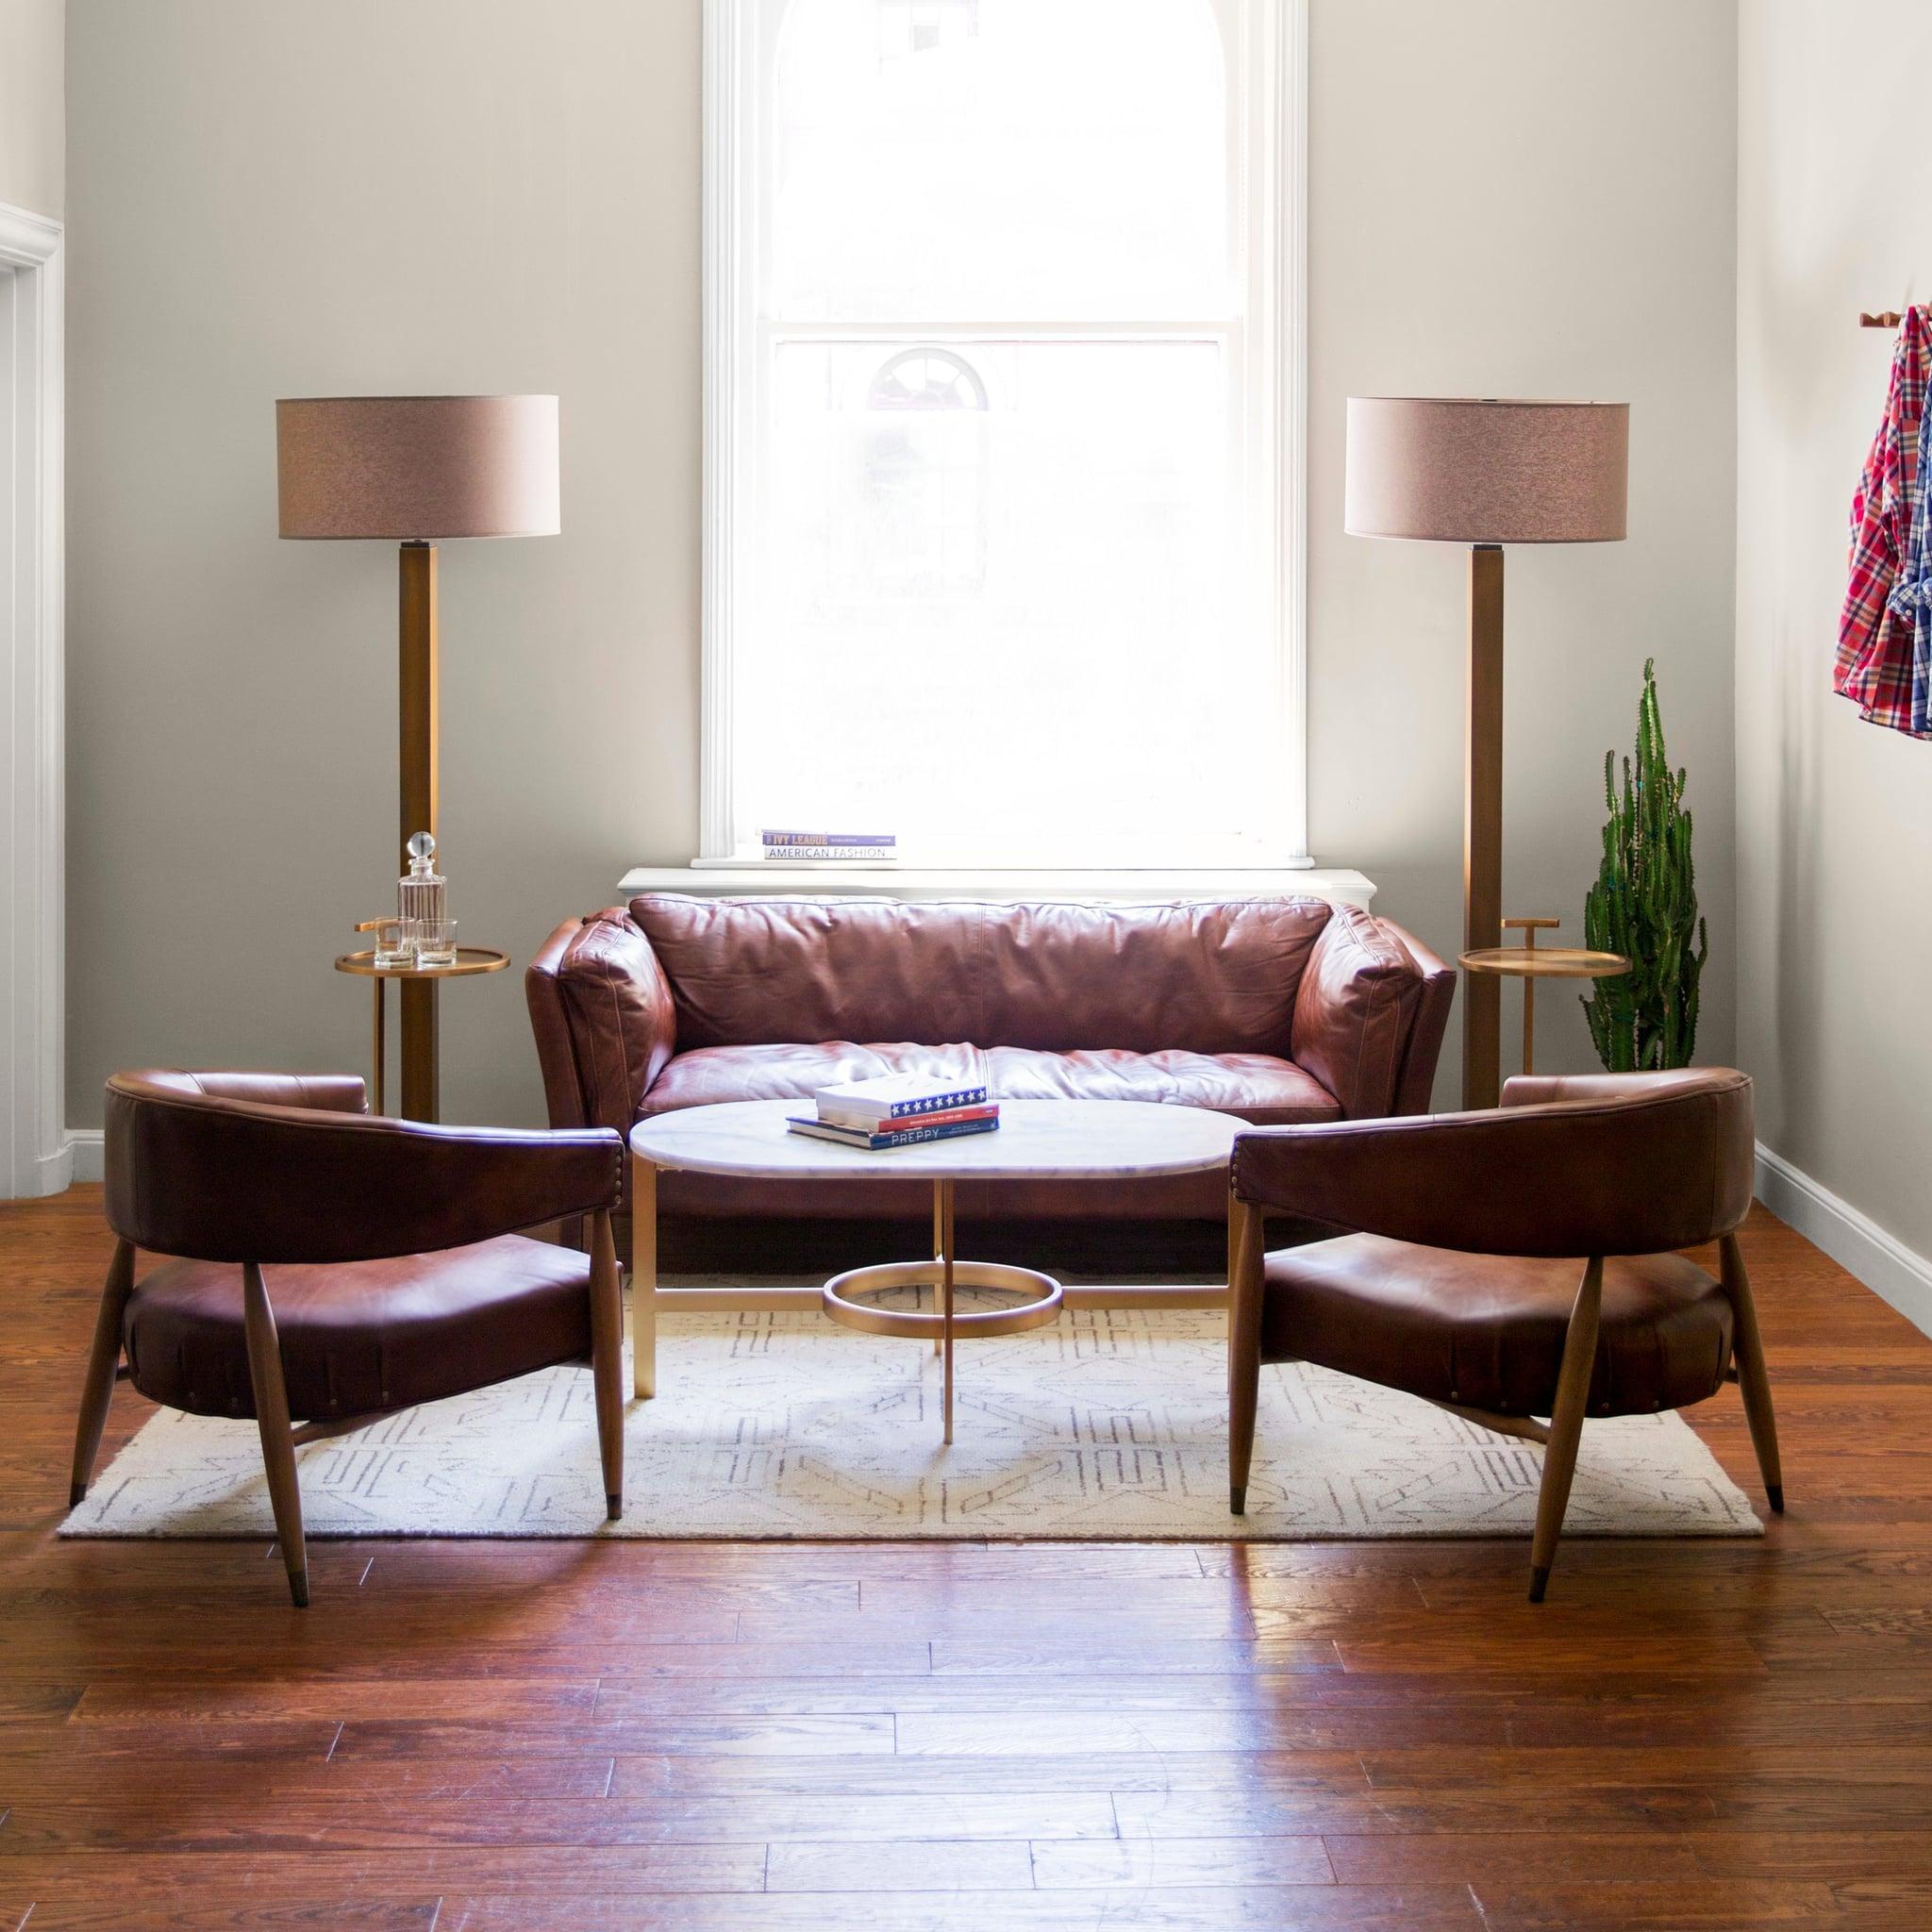 Midcentury Modern Interior Design POPSUGAR Home